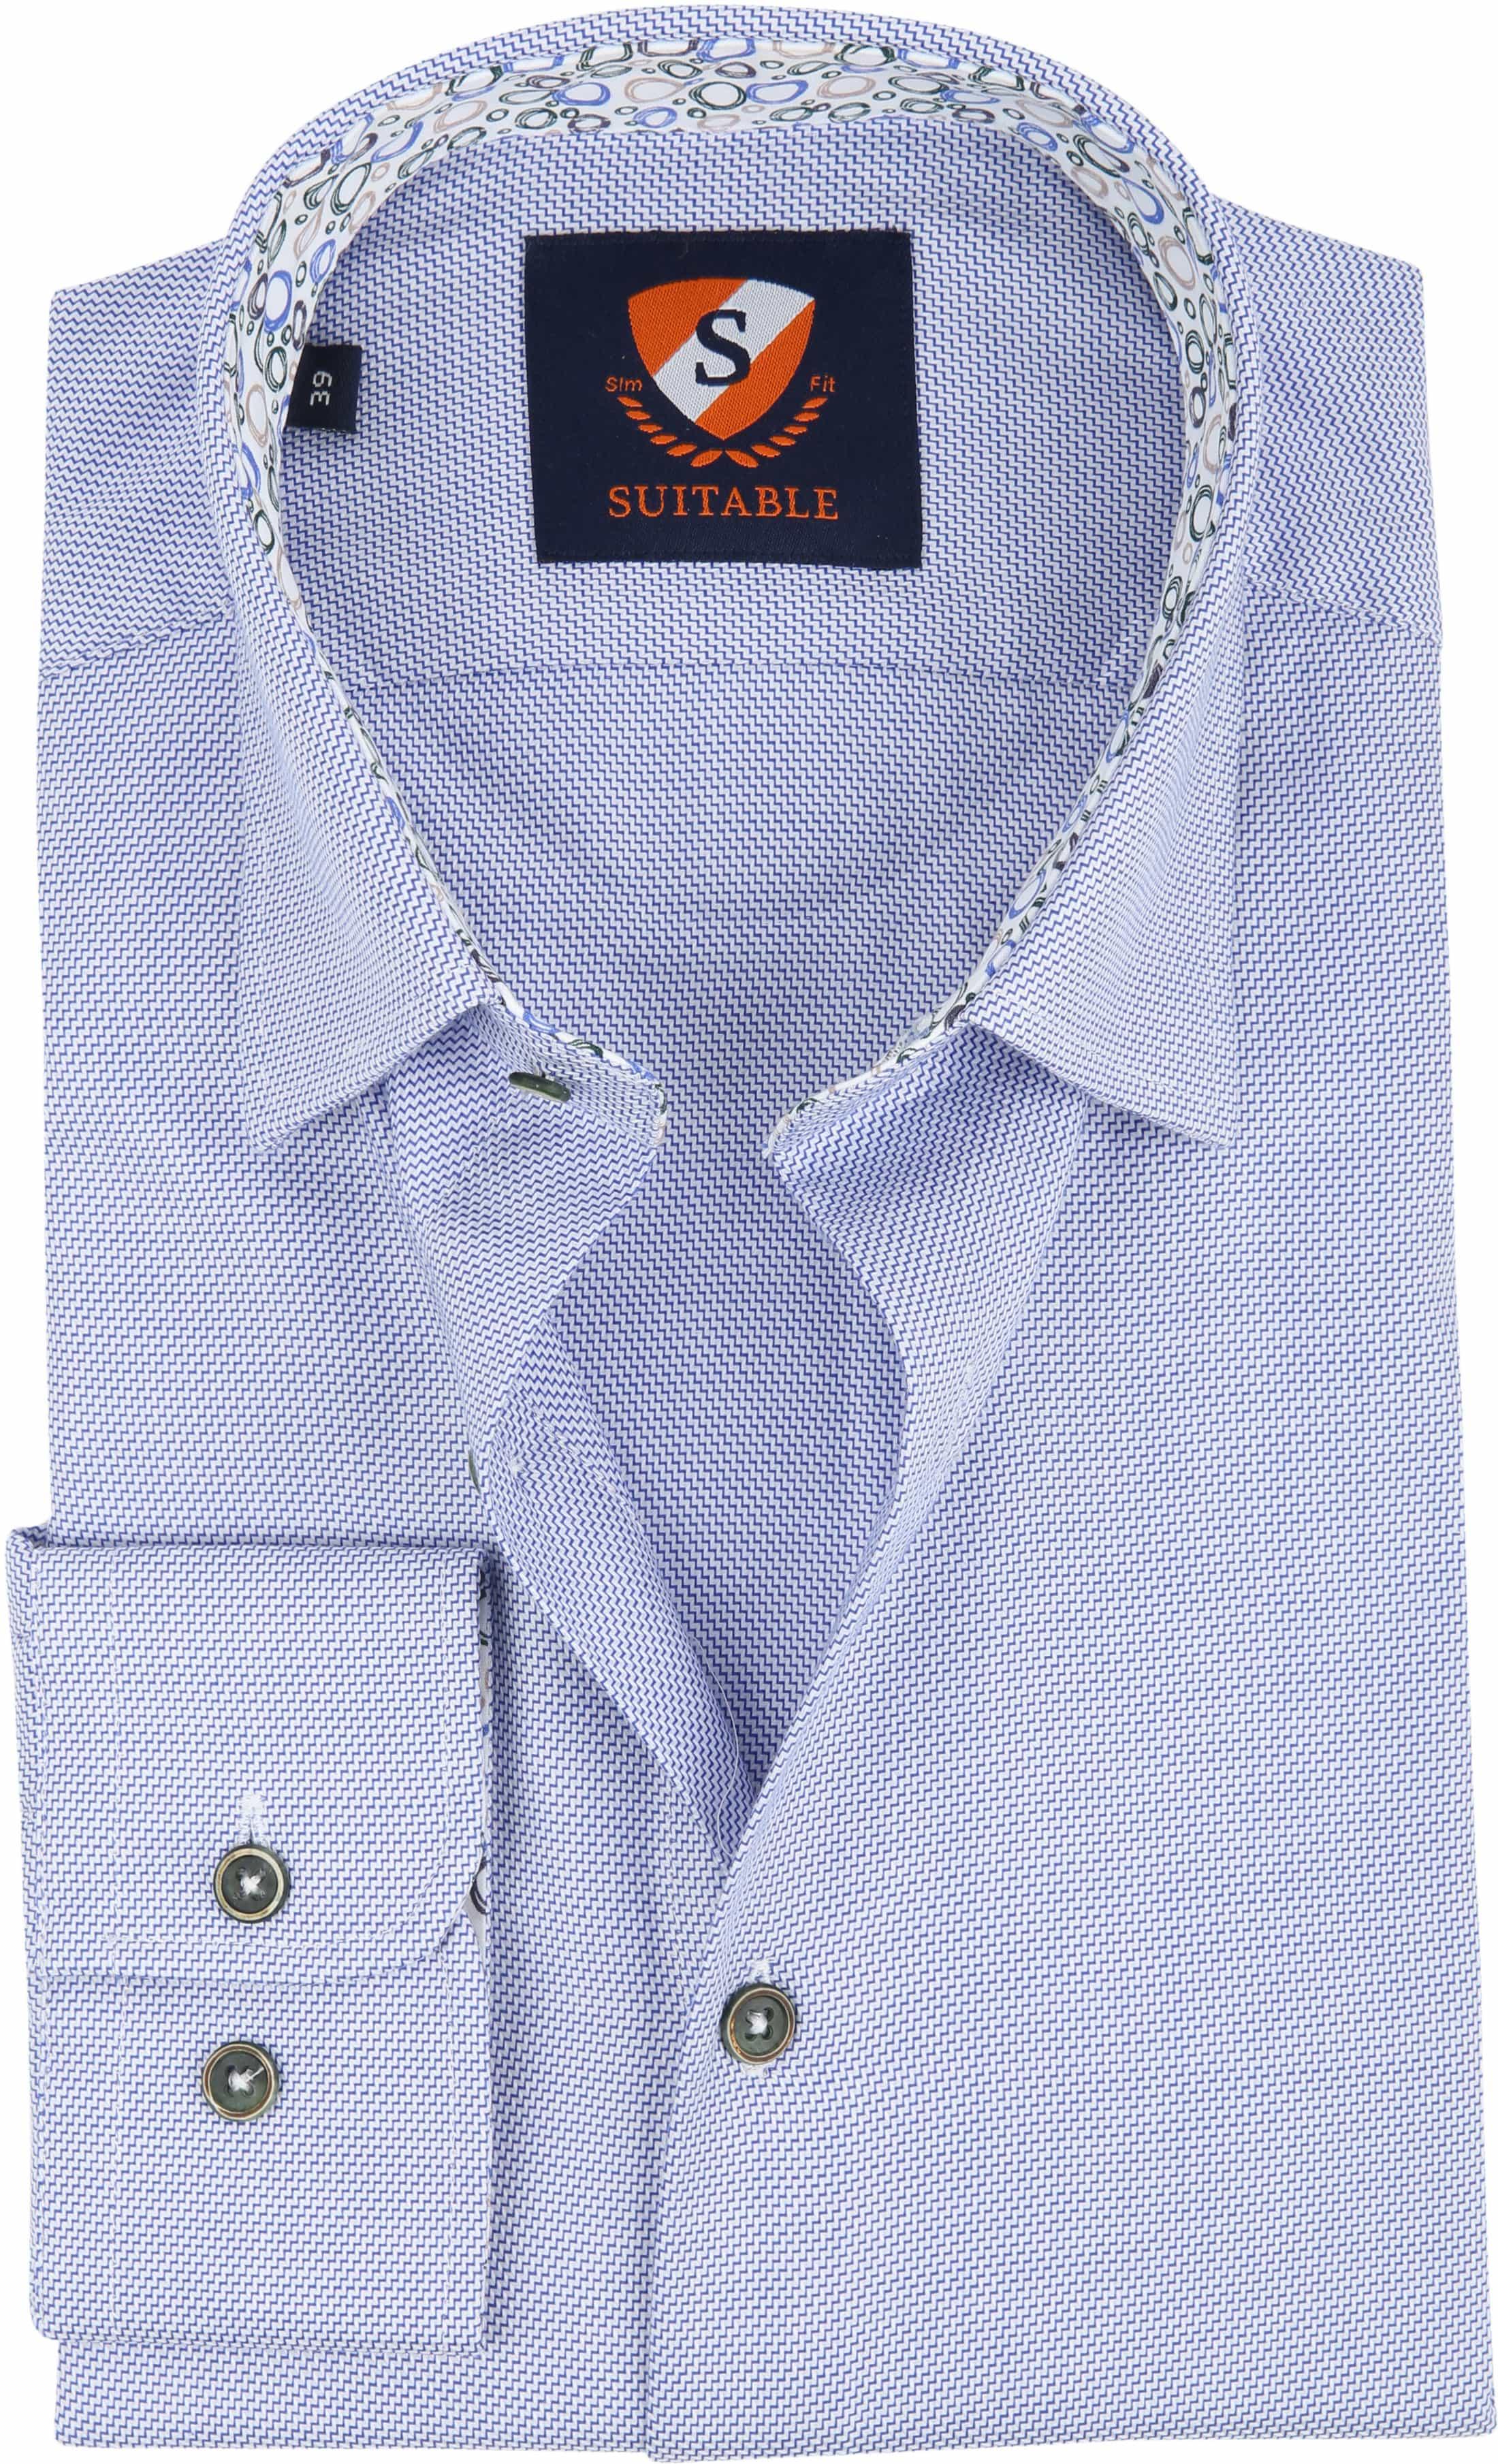 Suitable Shirt HBD Waut Blue foto 0